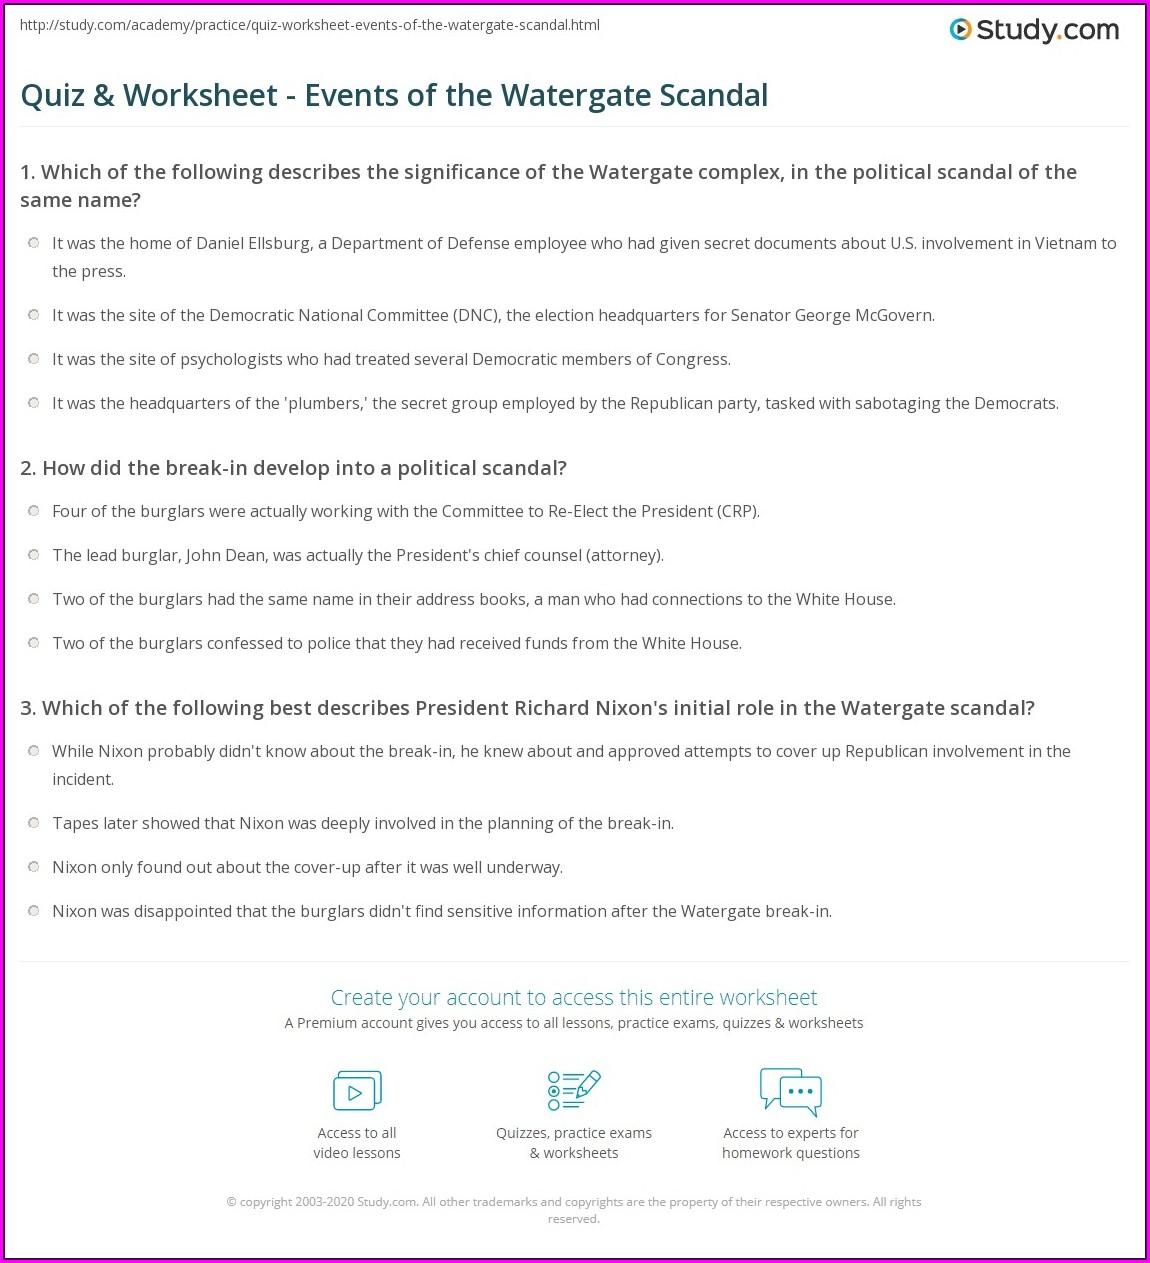 Watergate Scandal Timeline Worksheet